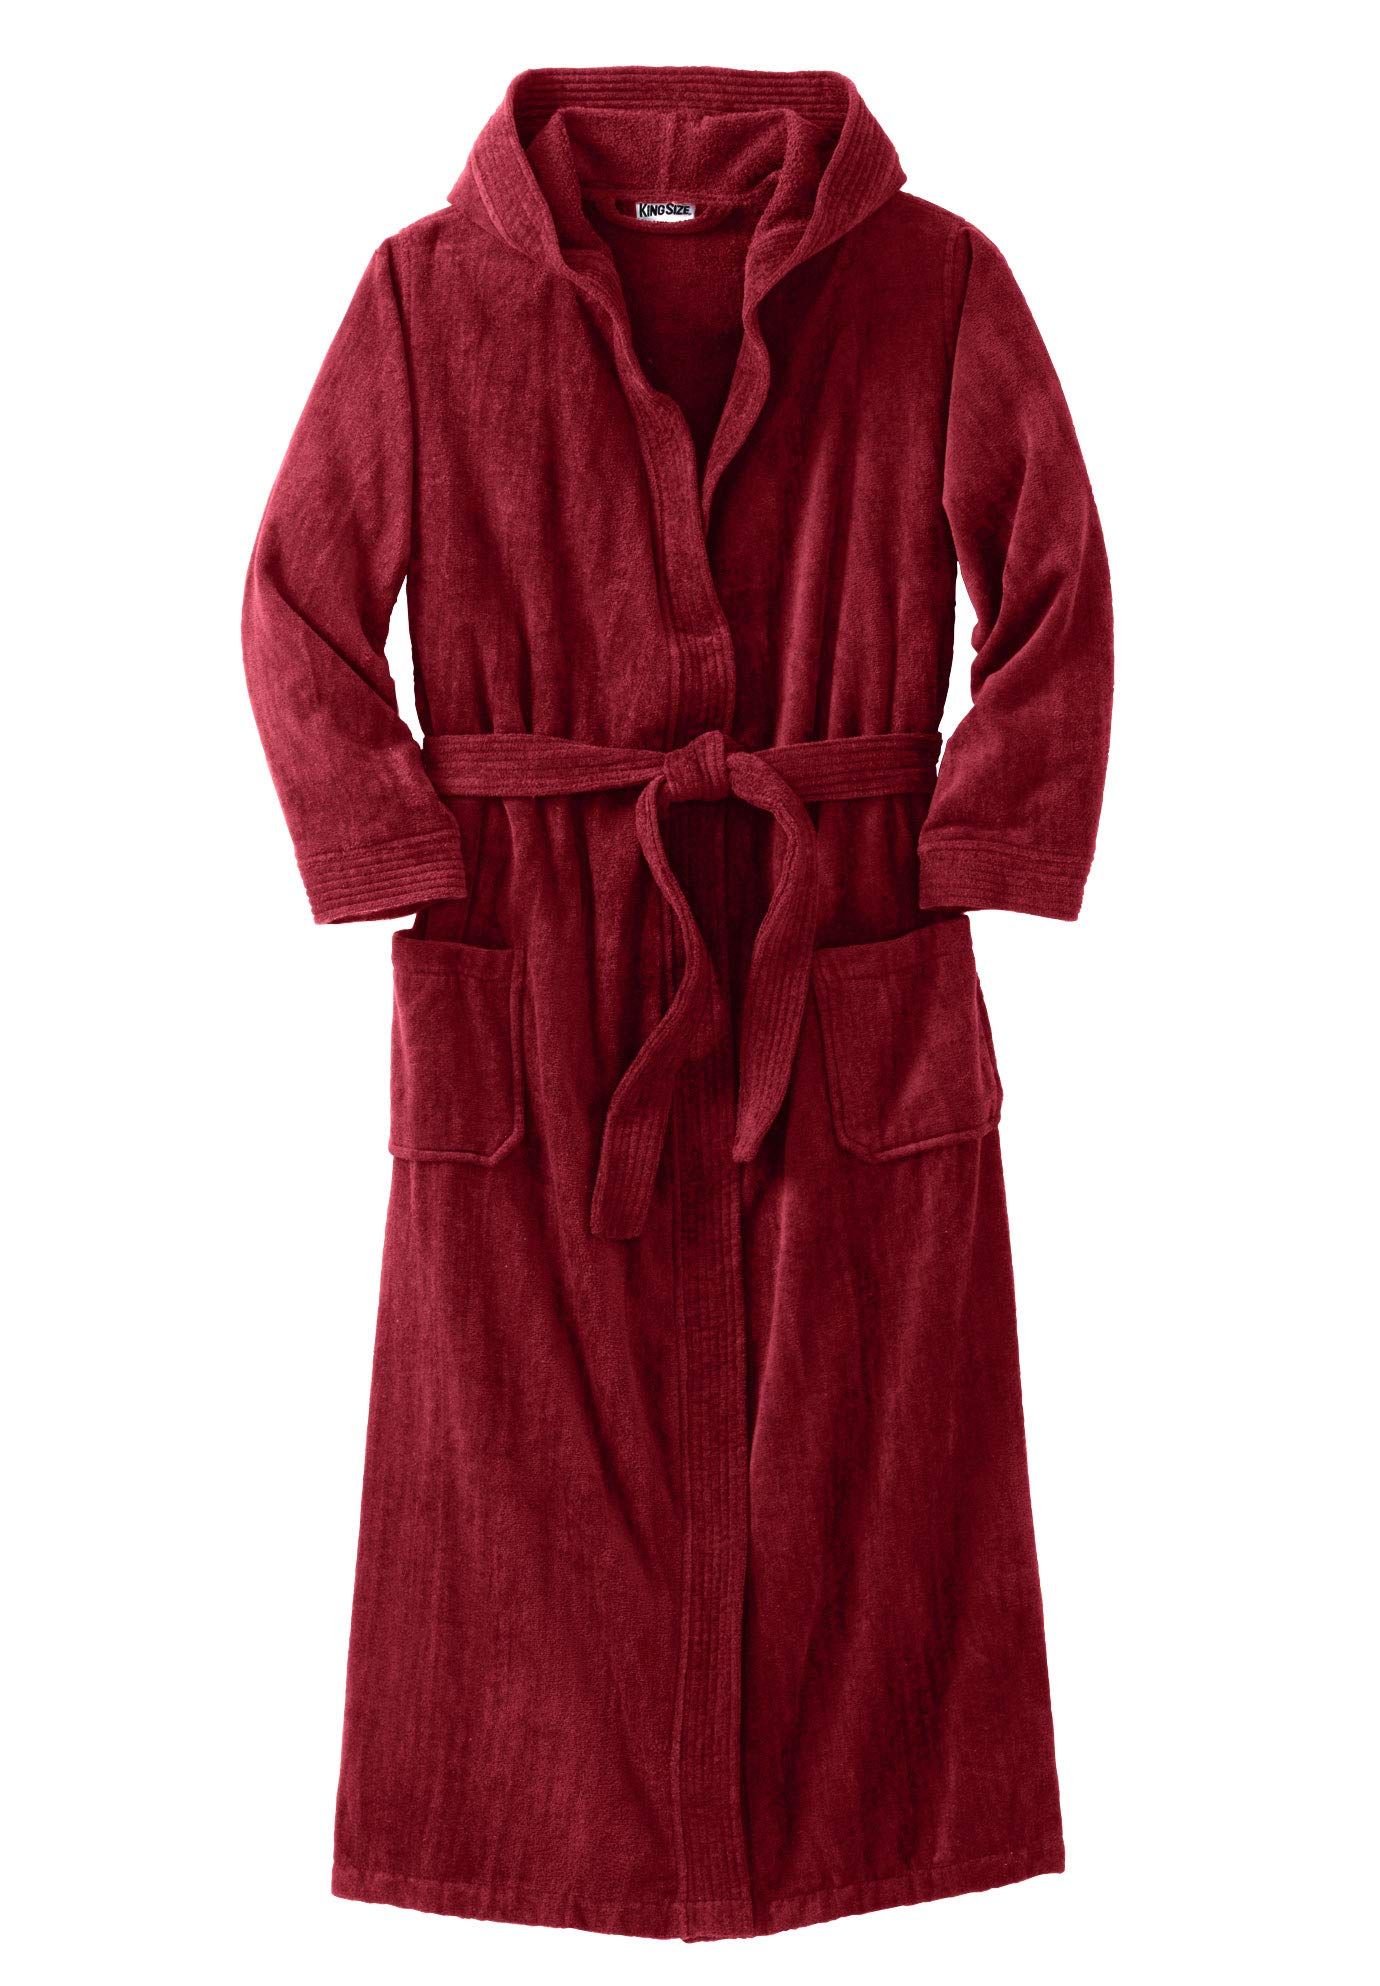 KingSize Men's Big & Tall Terry Velour Hooded Maxi Robe, Rich Burgundy Big-7XL/8X